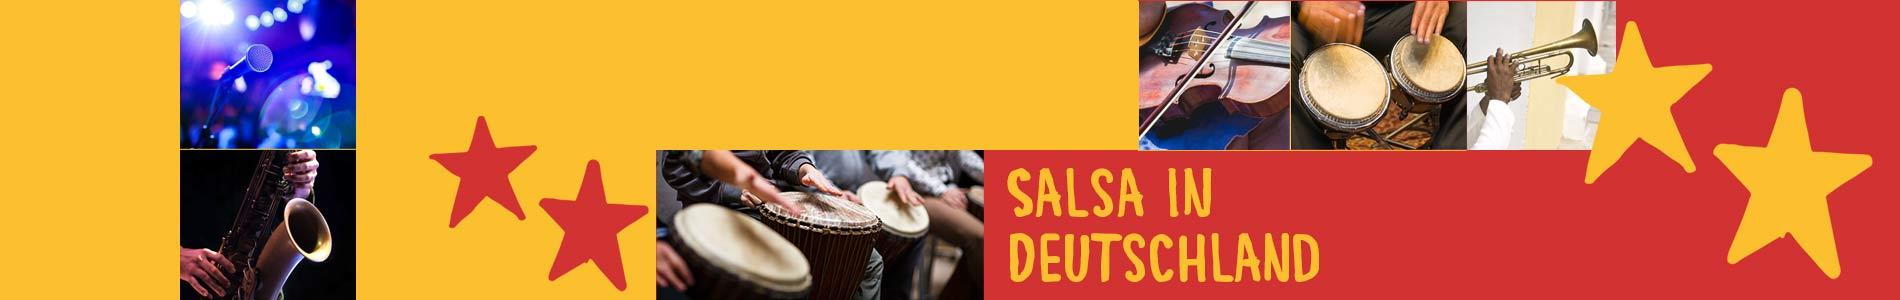 Salsa in Colmberg – Salsa lernen und tanzen, Tanzkurse, Partys, Veranstaltungen